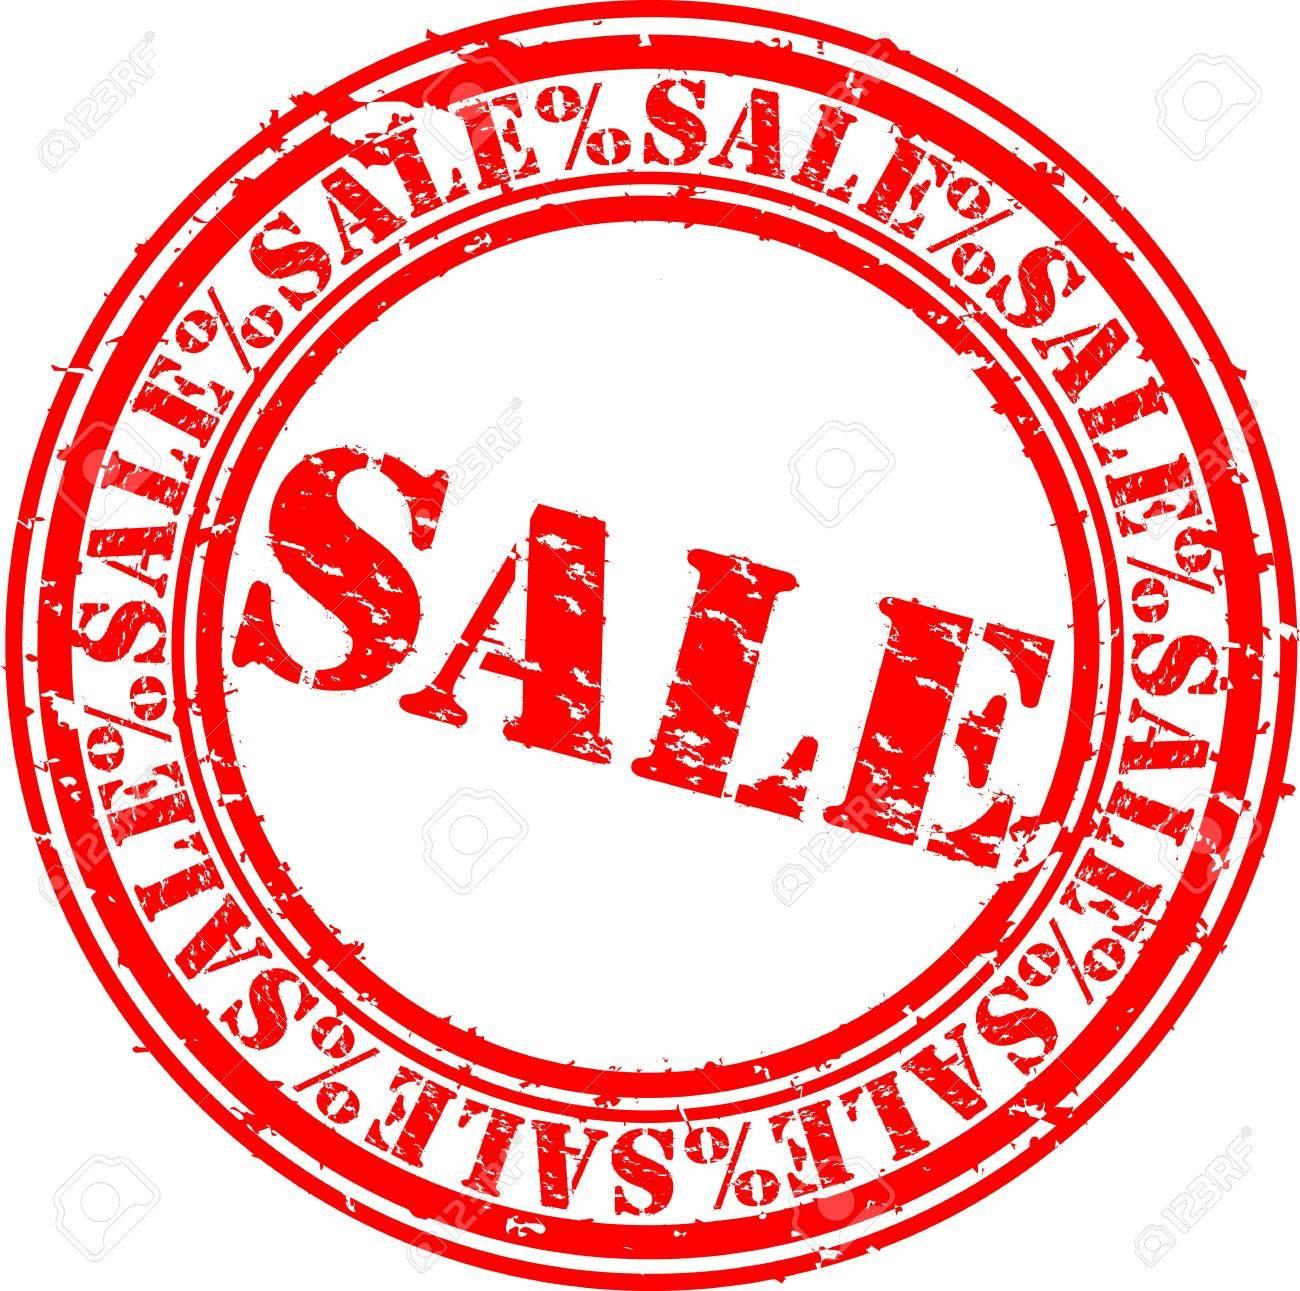 Grunge sale rubber stamp, illustration Stock Vector - 12239271